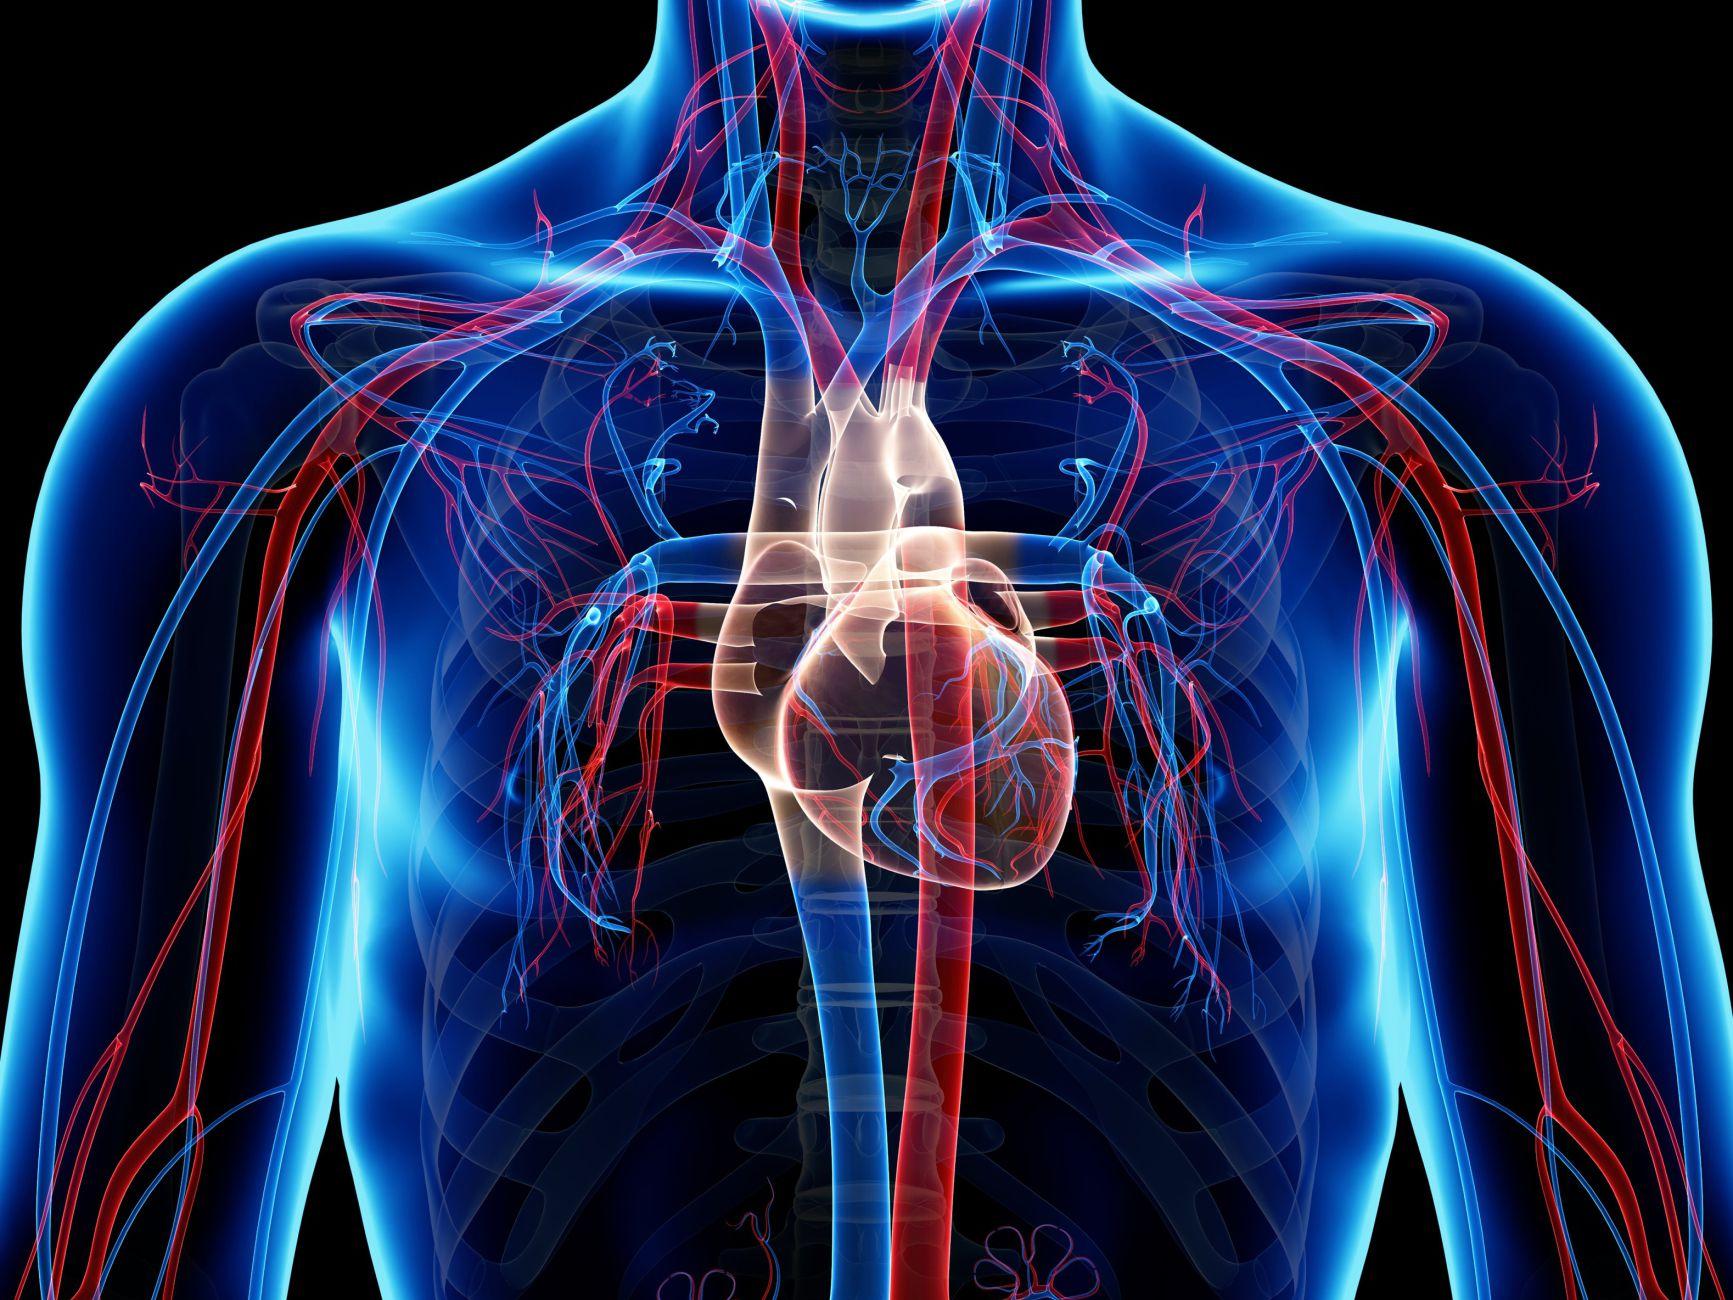 tipos de venas y arterias del cuerpo humano